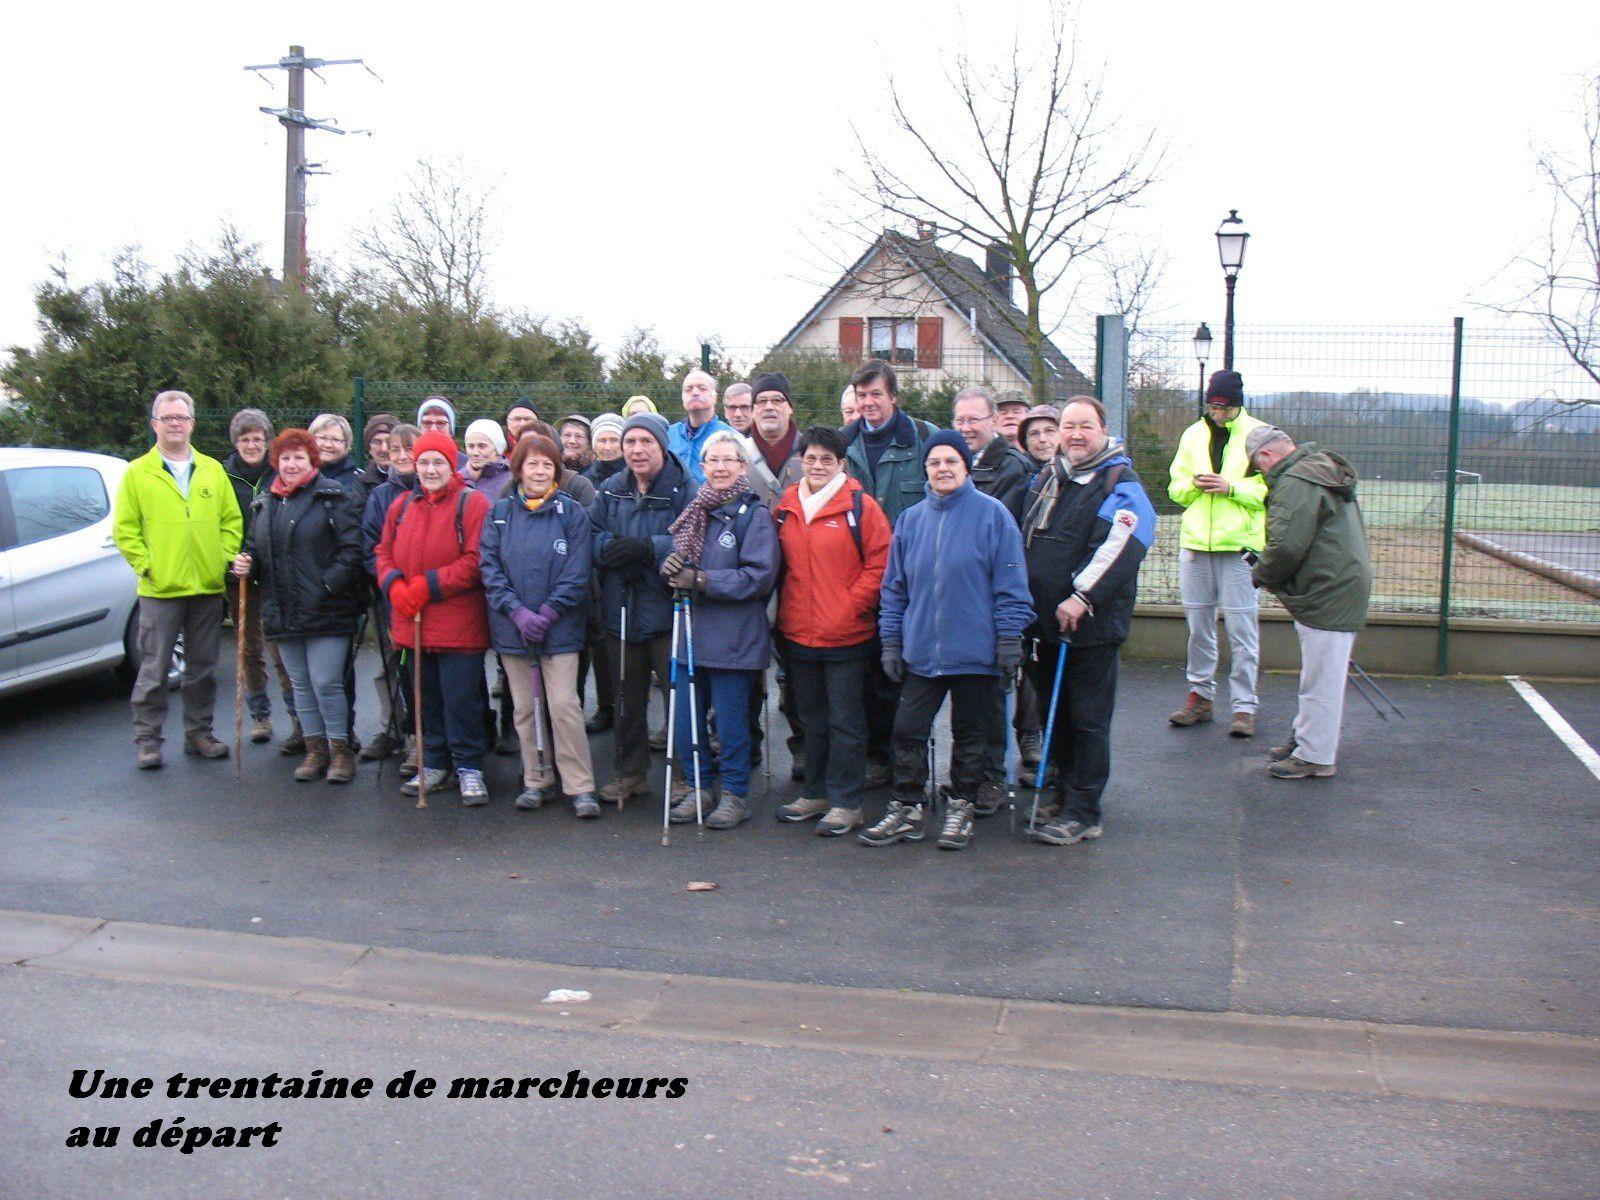 A dimanche 9 février pour la marche de Joël à Charleville route de Monthermé